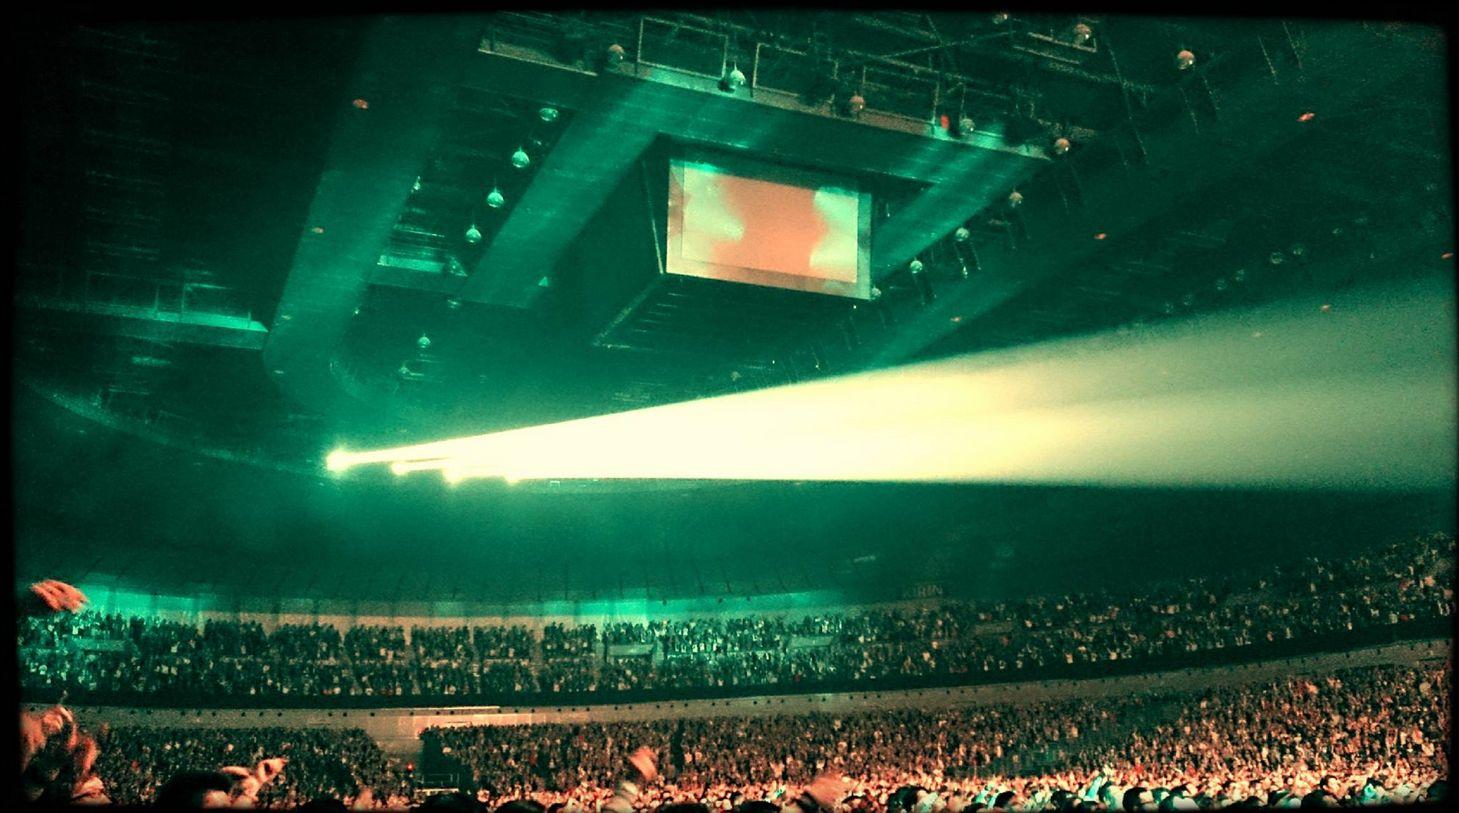 B'z LIVE-GYM 2015 -EPIC NIGHT- 横浜アリーナ1日目情報まとめ!!